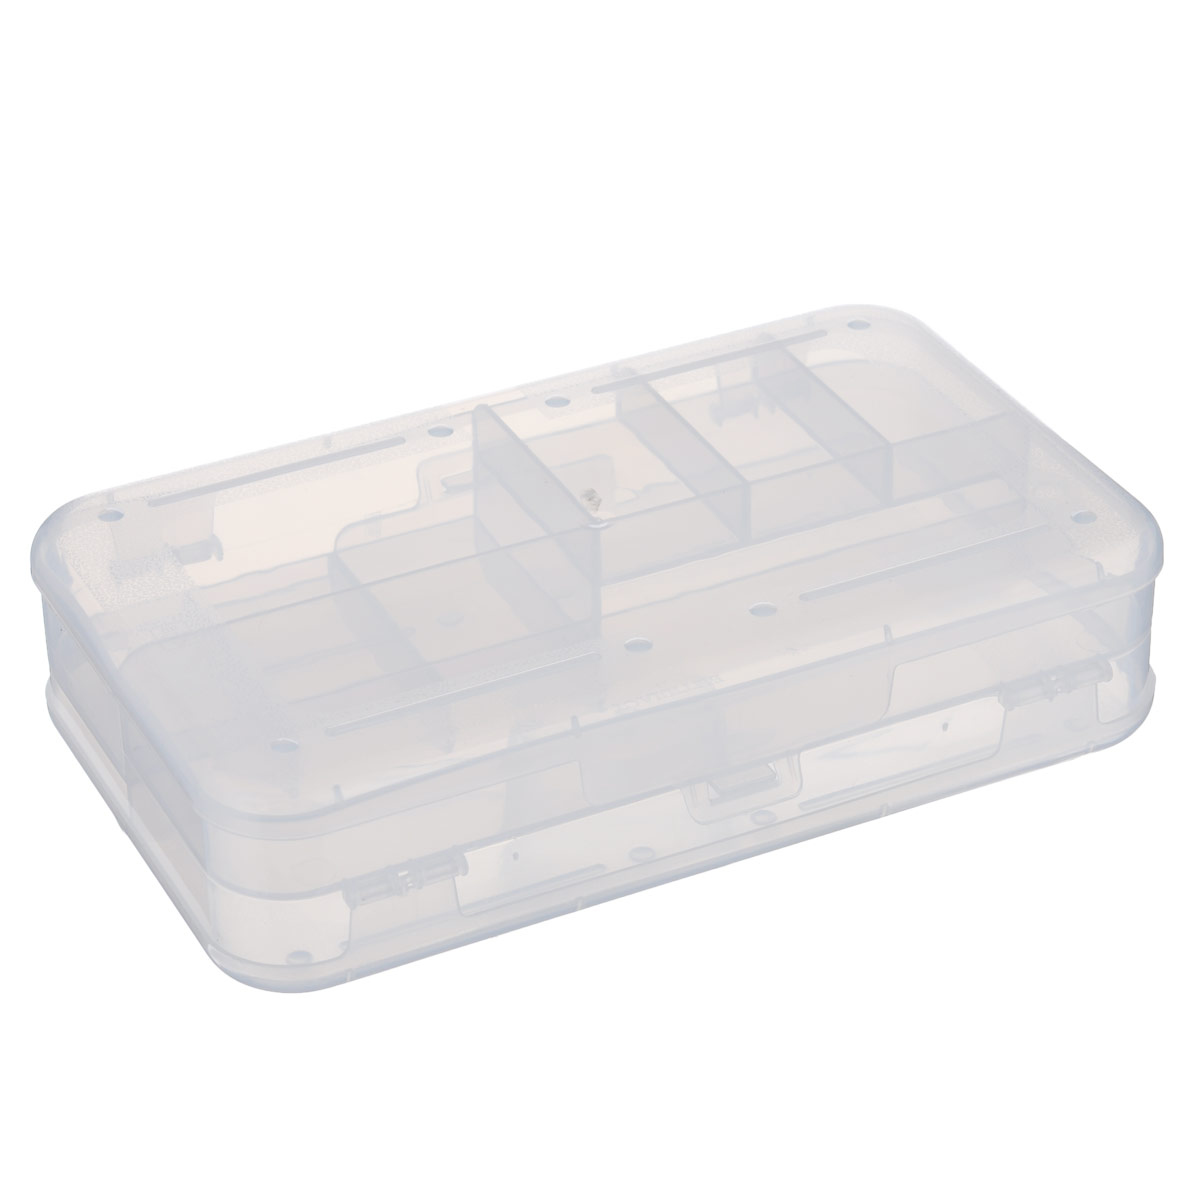 Органайзер Бытпласт, двухсторонний, цвет: прозрачный, 22,5 х 13,5 х 5,3 см12723Органайзер  Бытпласт , выполненный из прочного пластика, предназначен для хранения различных мелких вещей. С каждой стороны органайзера находятся 3 маленьких, 1 средний и 1 большое отделения. Прозрачная поверхность позволяет видеть содержимое органайзера. По обеим сторонам органайзера имеются небольшие выступы, благодаря которым поверхность органайзера не царапается. Удобный и надежный замок-защелка обеспечивает надежное закрывание крышки. Органайзер легко моется и чистится.Размеры отделений:Размер большого отделения: 20,8 см х 5,8 см х 1,8 см;Размер среднего отделения: 10,3 см х 5,8 см х 2,6 см;Размер малого отделения: 3,3 см х 5,8 см х 1 см.